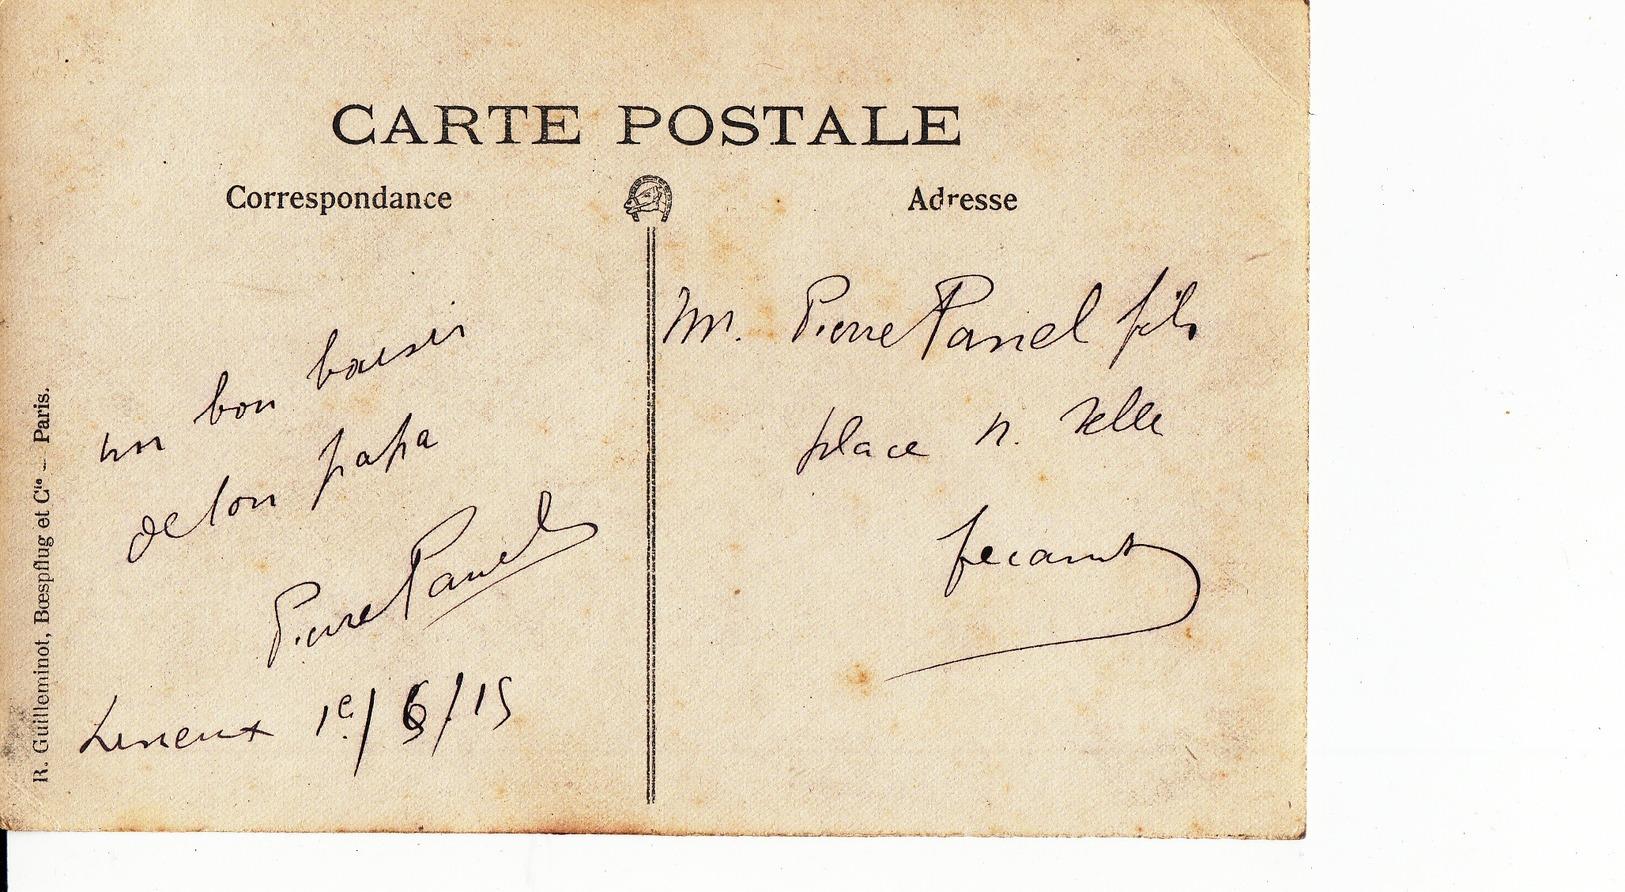 CARTE POSTALE DE LISIEUX / CARTE PHOTO / CROIX ROUGE / INFIRMIERES / MILITAIRES - Lisieux